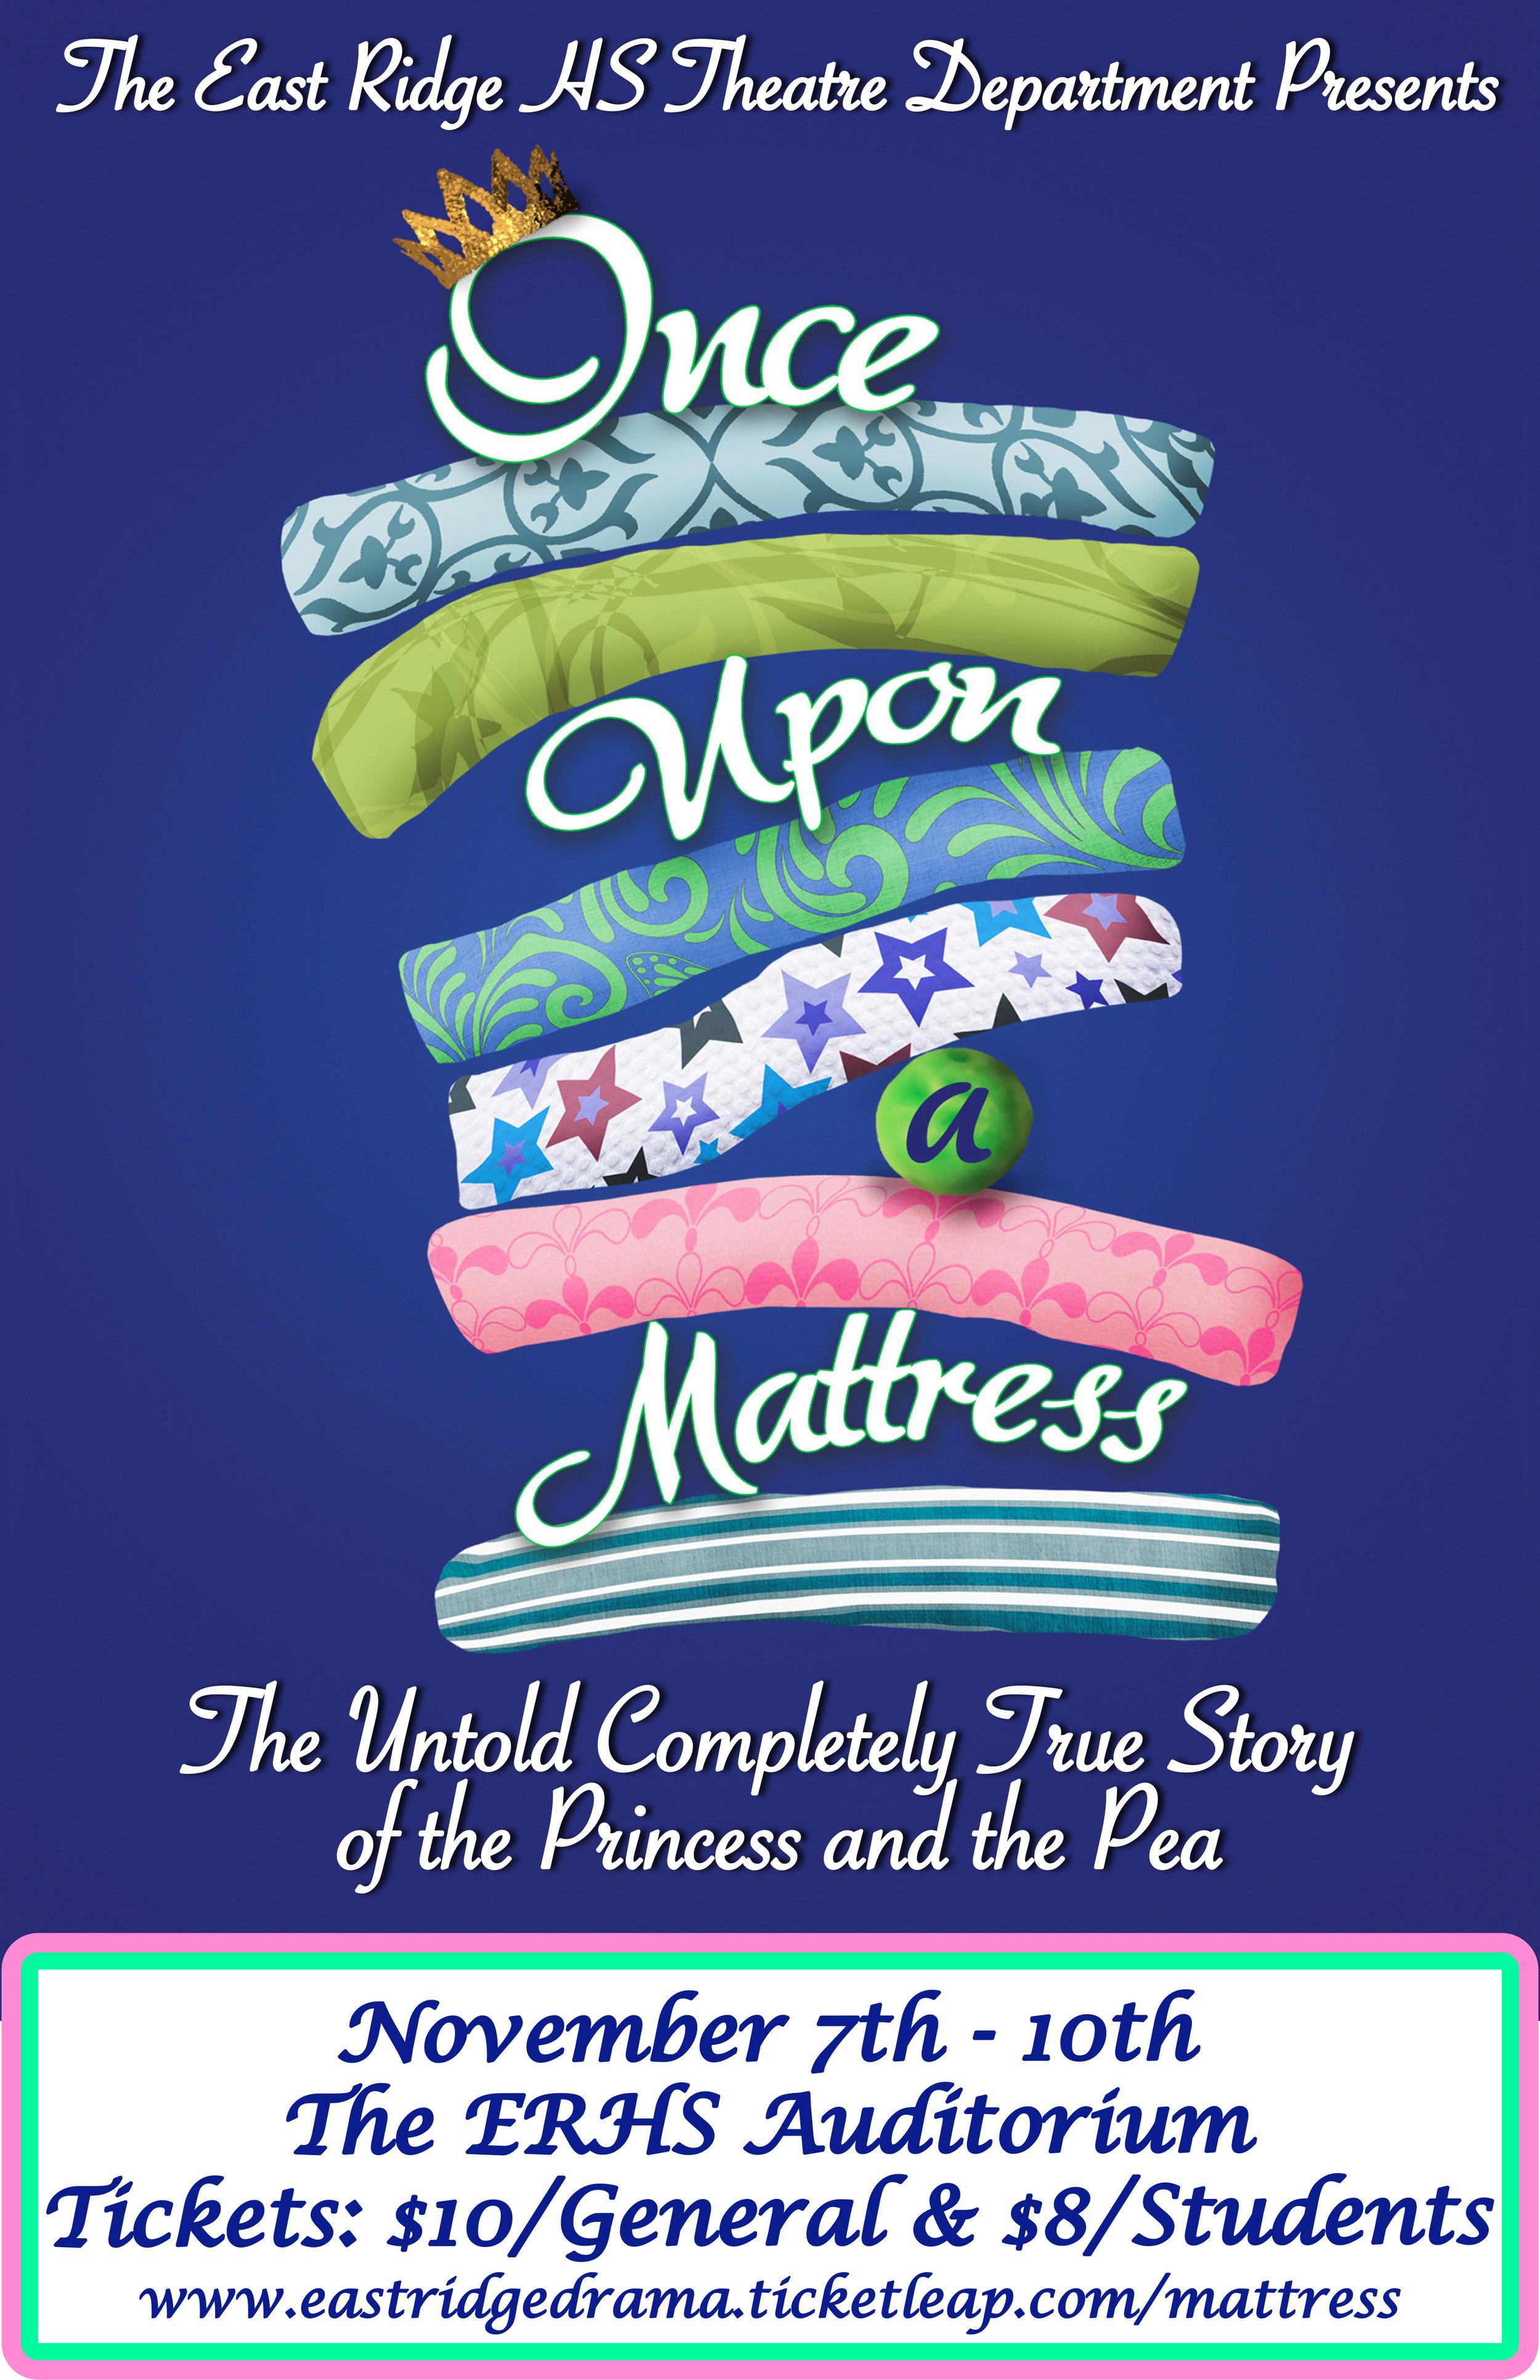 Mattress poster.jpg